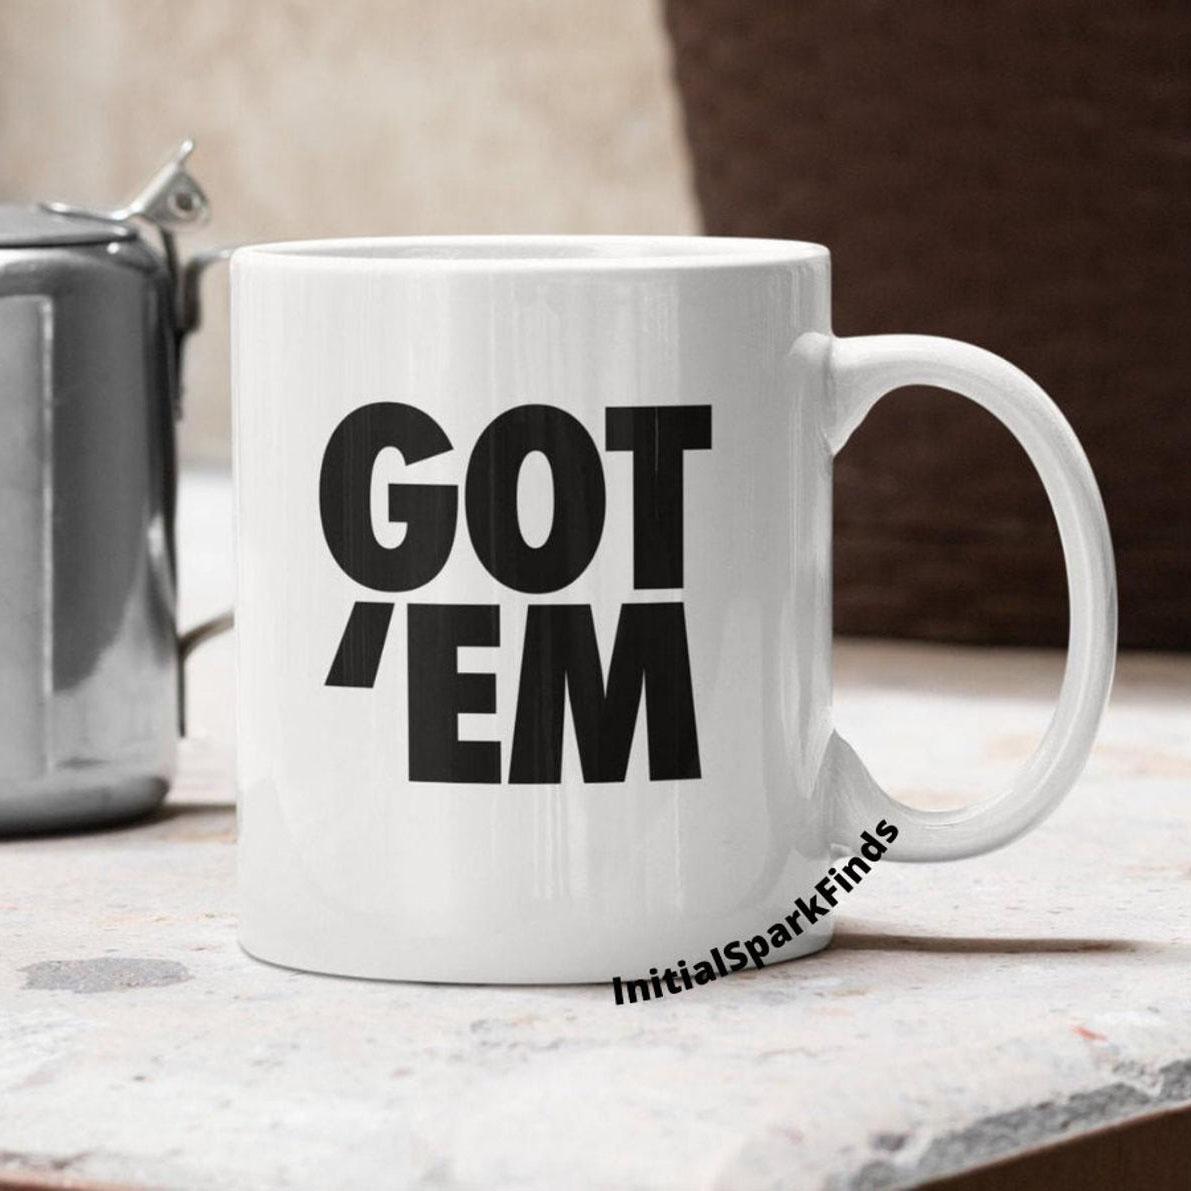 Initial Spark Finds Got 'Em Mug